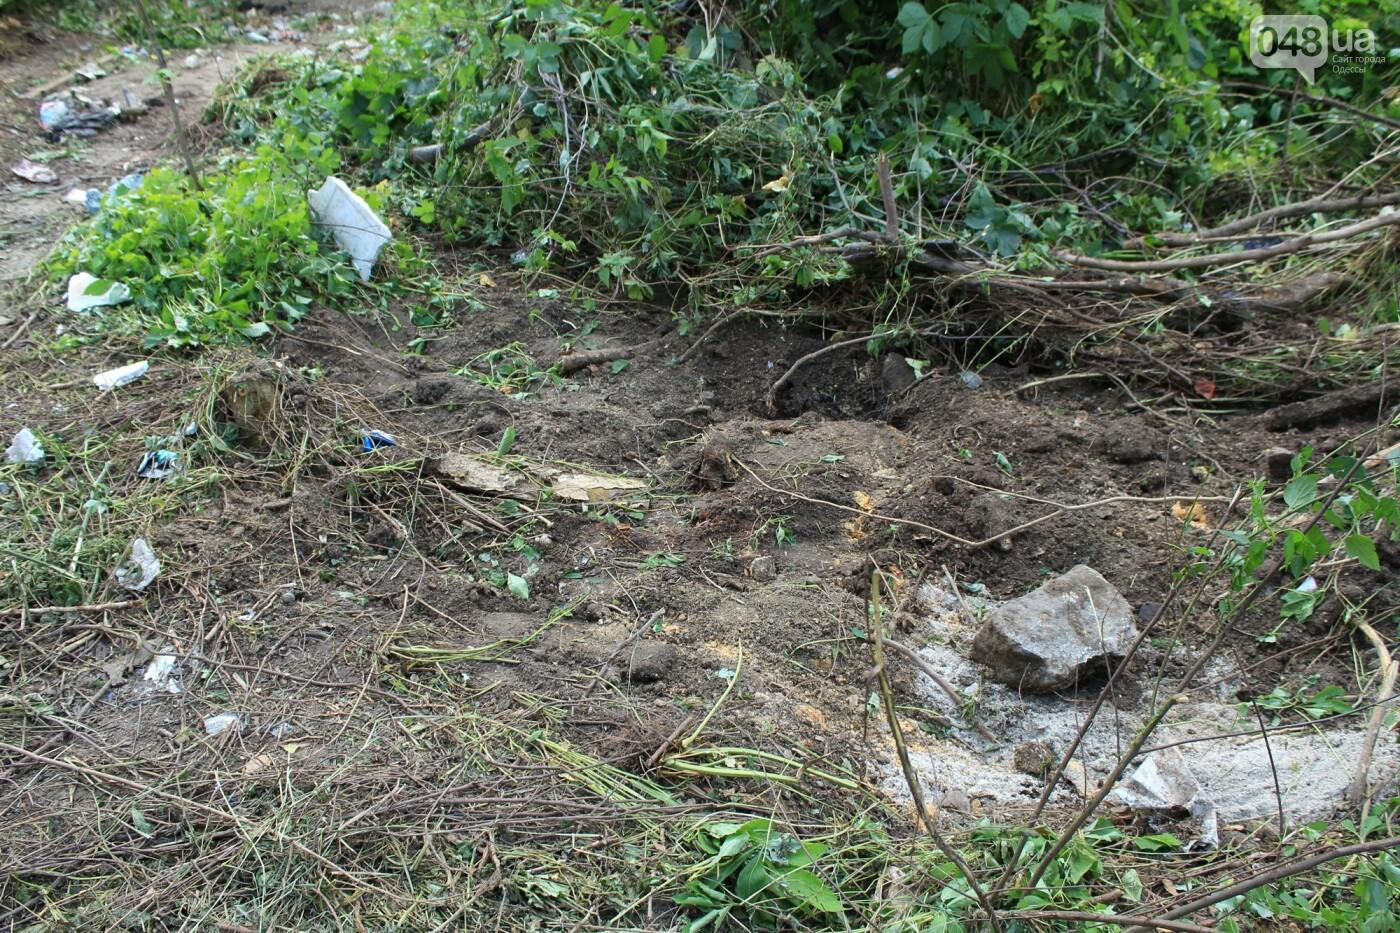 Локальная экологическая катастрофа: чем мог обернуться рейдерский захват в Одессе, - ФОТО, ВИДЕО, фото-6